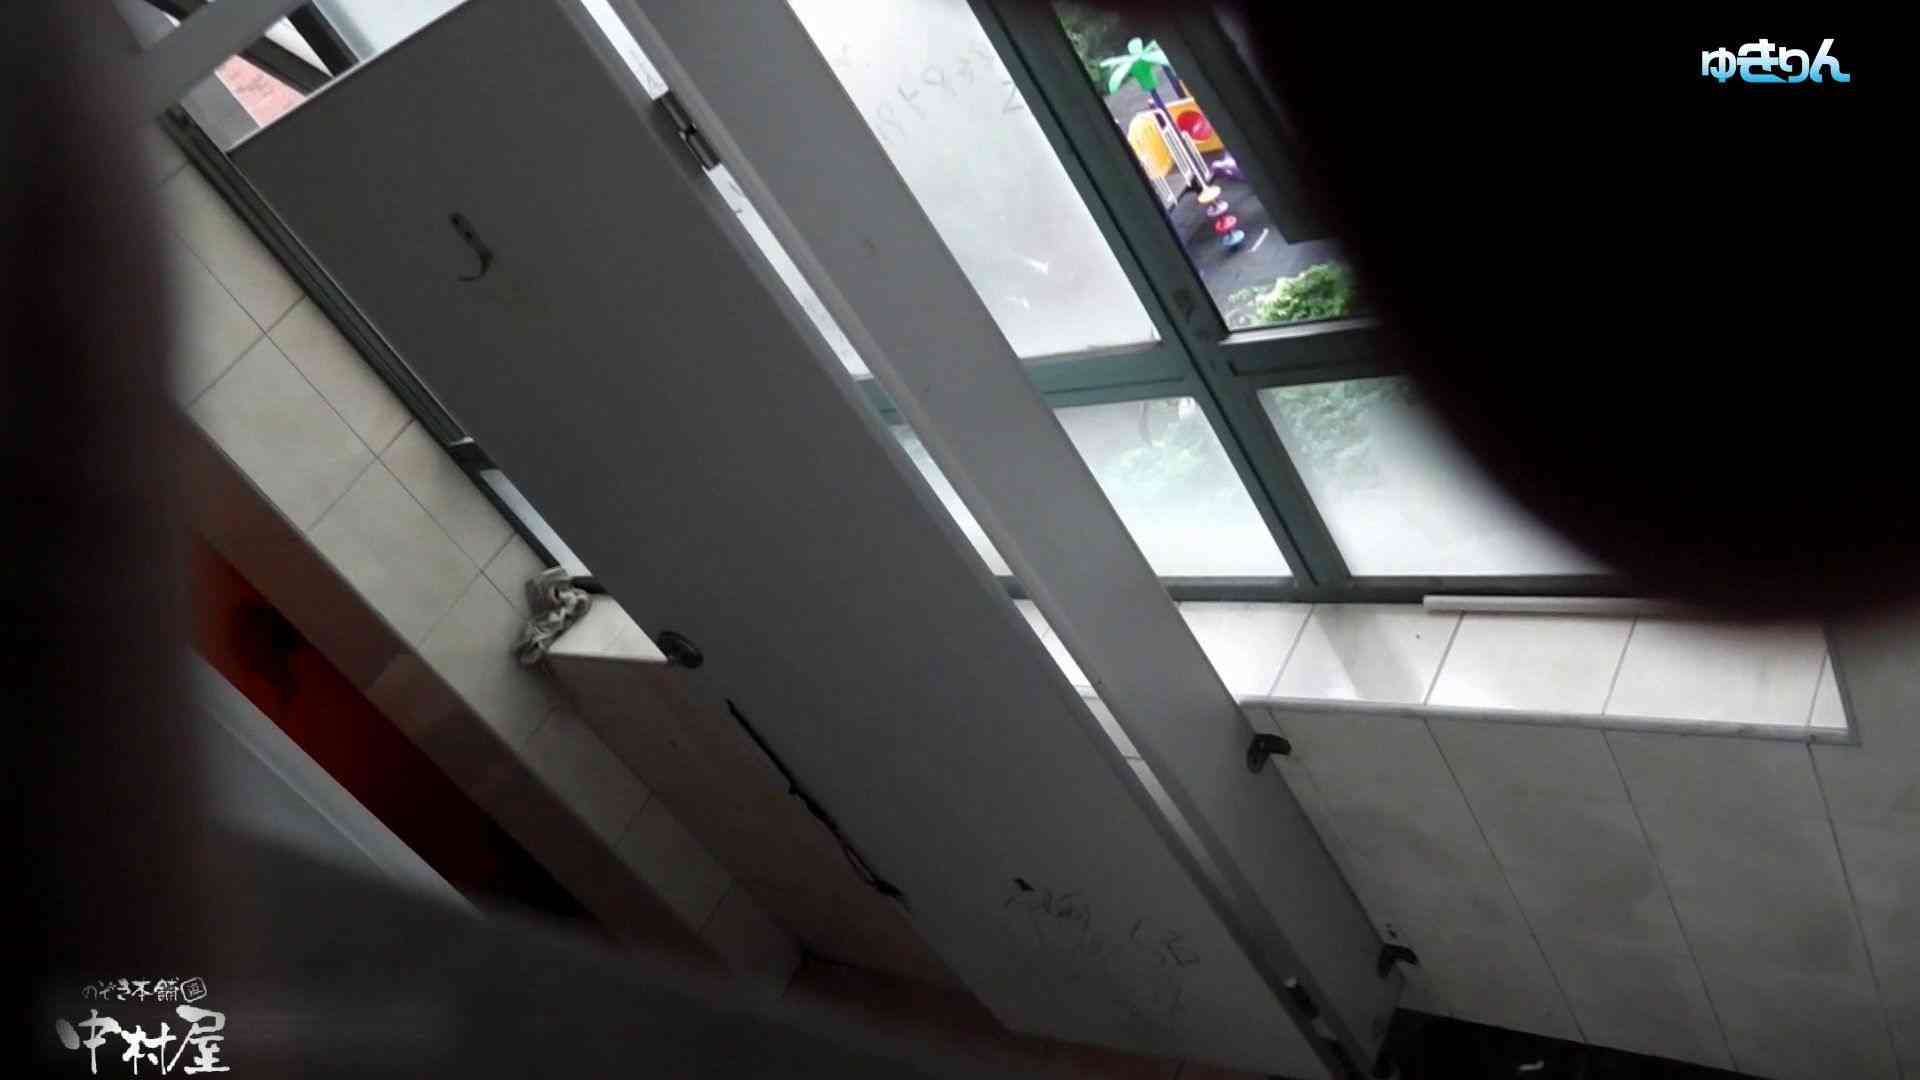 世界の射窓から~ステーション編 vol60 ユキリン粘着撮り!!今回はタイトなパンツが似合う美女 美女丸裸 | 美しいOLの裸体  100pic 9